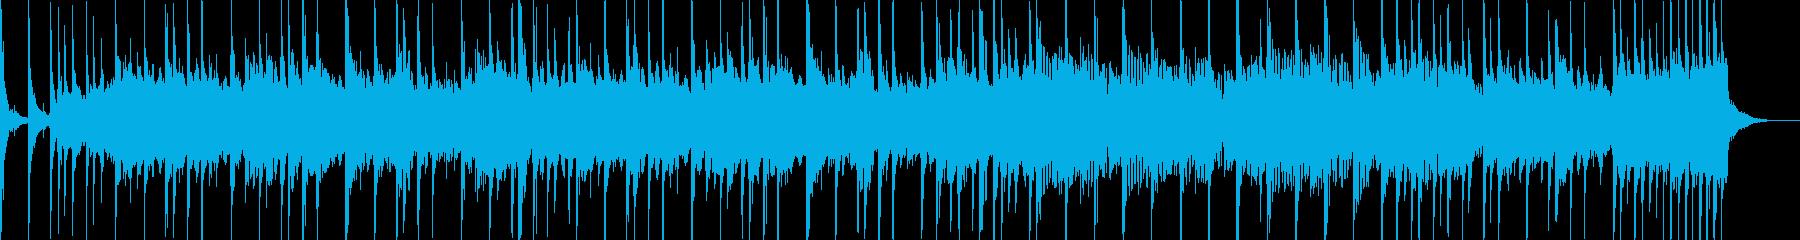 エネルギッシュ映像CM・爽やか明るい元気の再生済みの波形